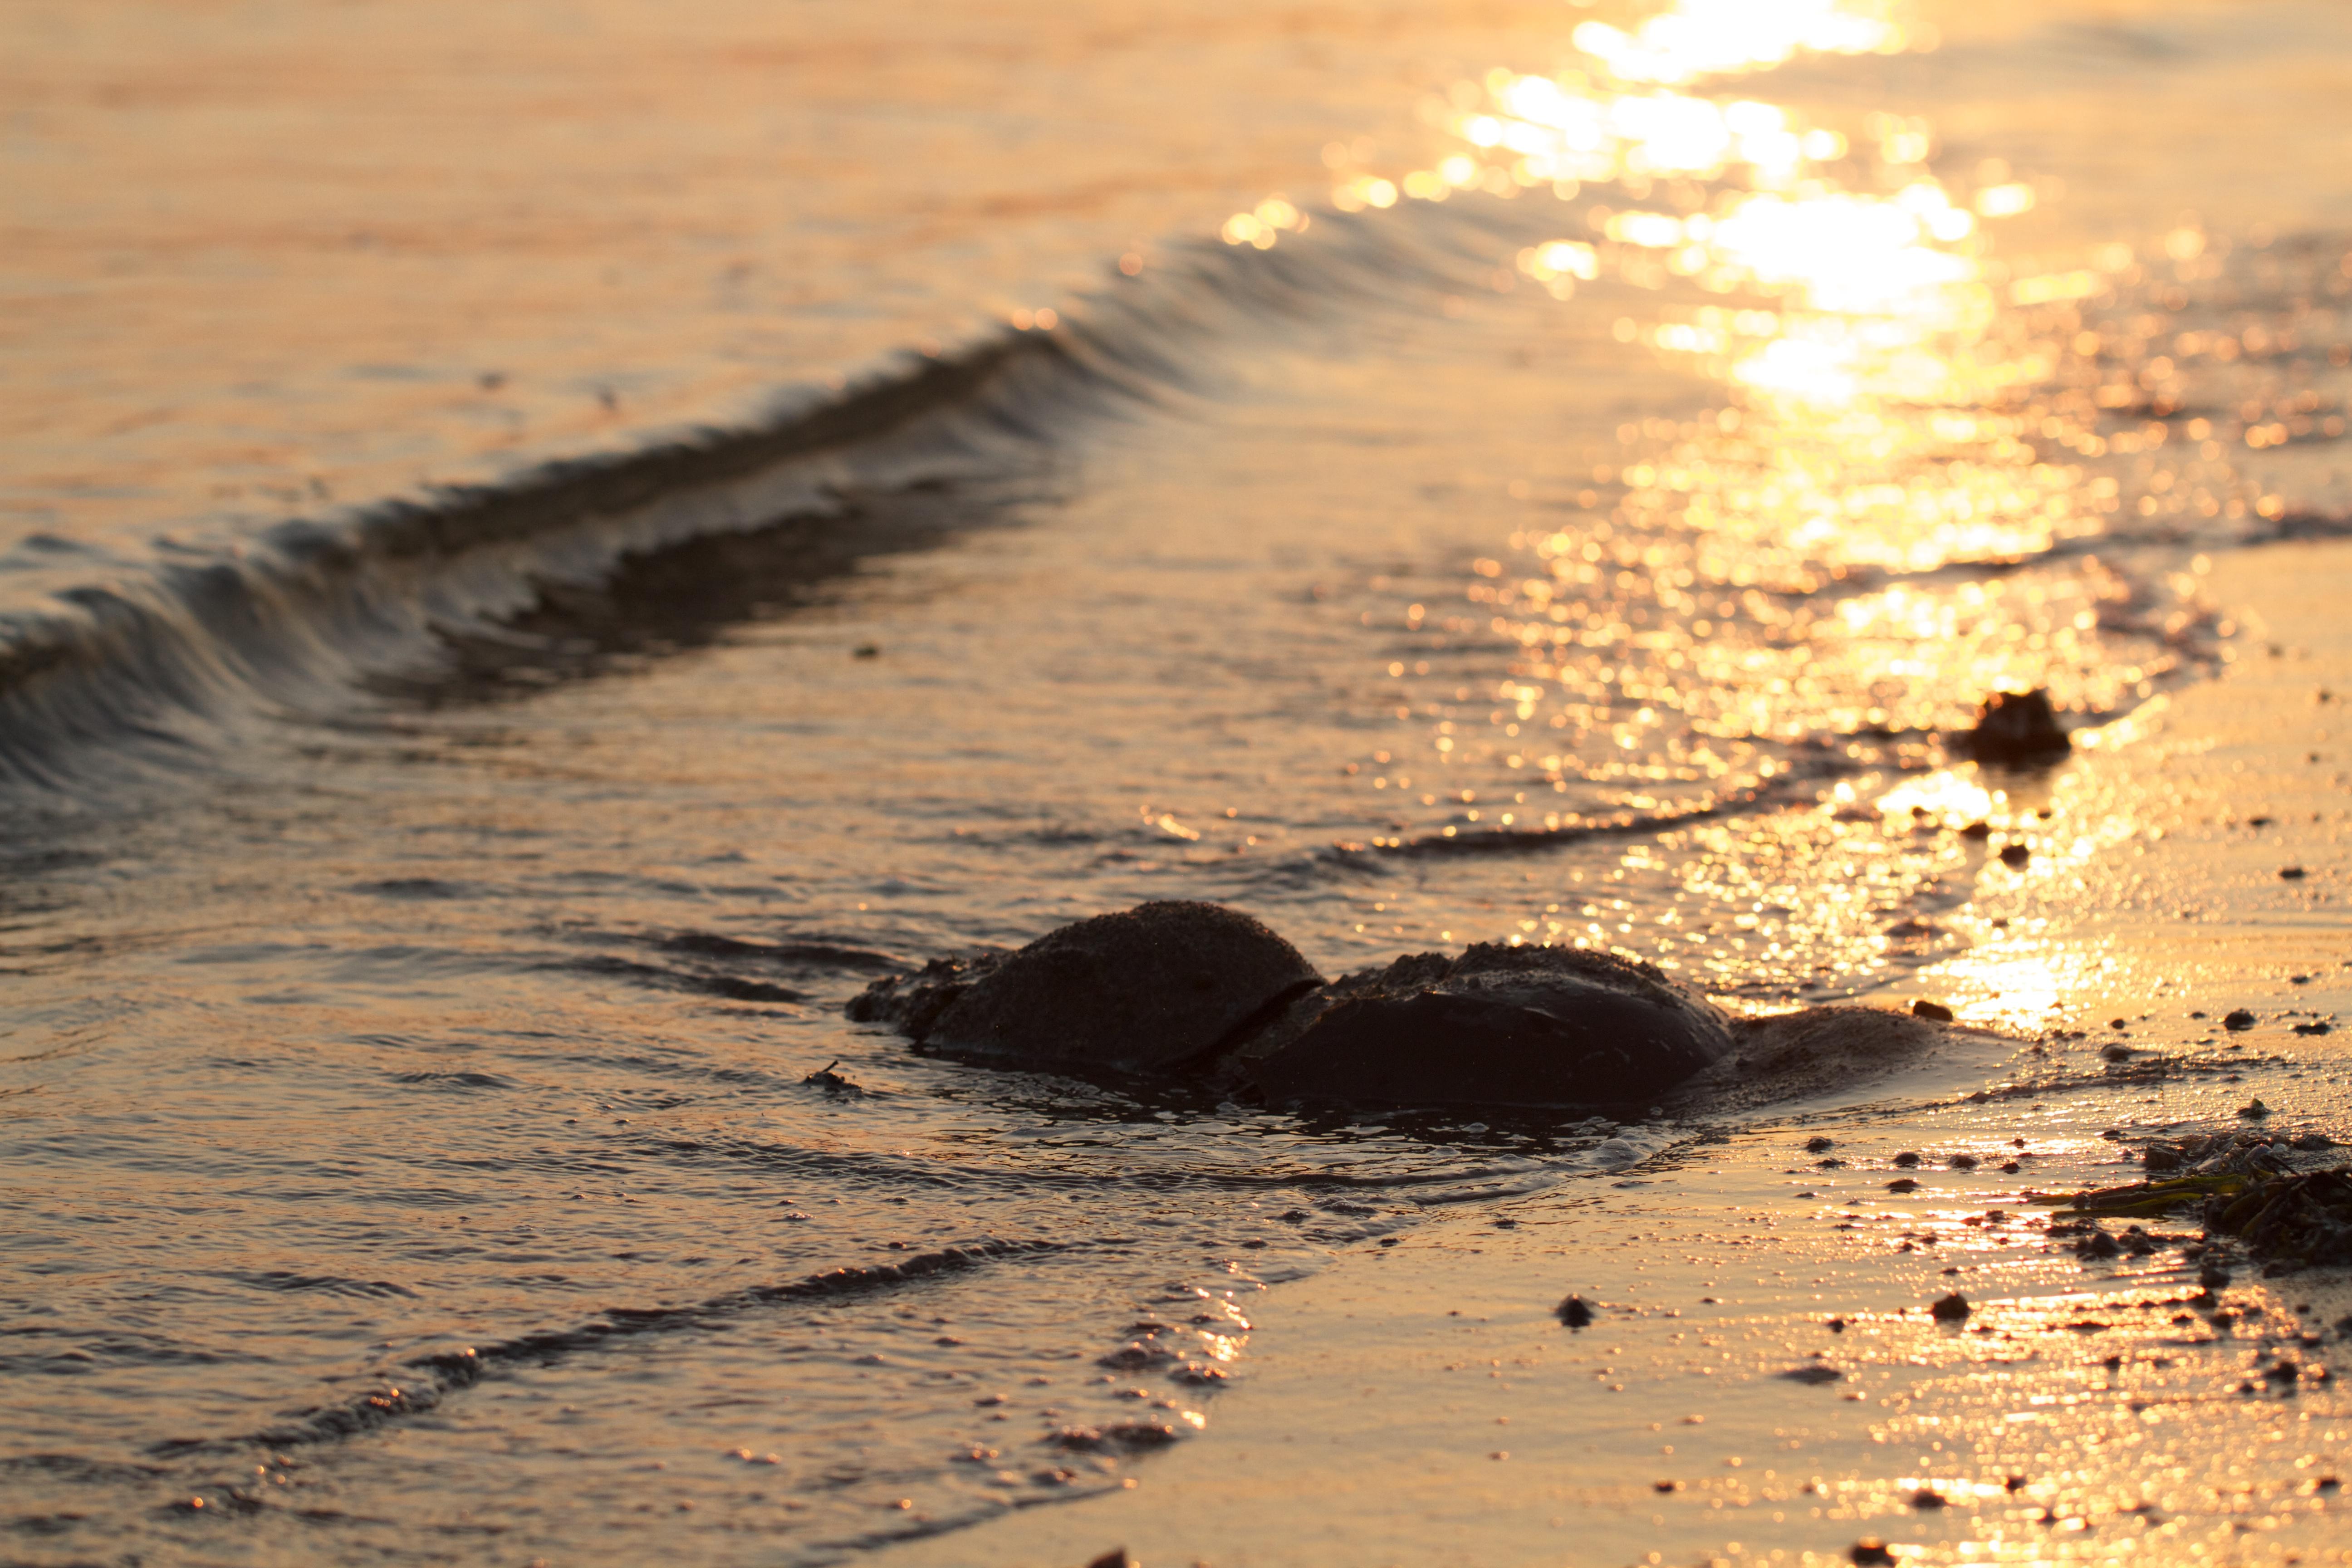 Horseshoe crabs at sunset